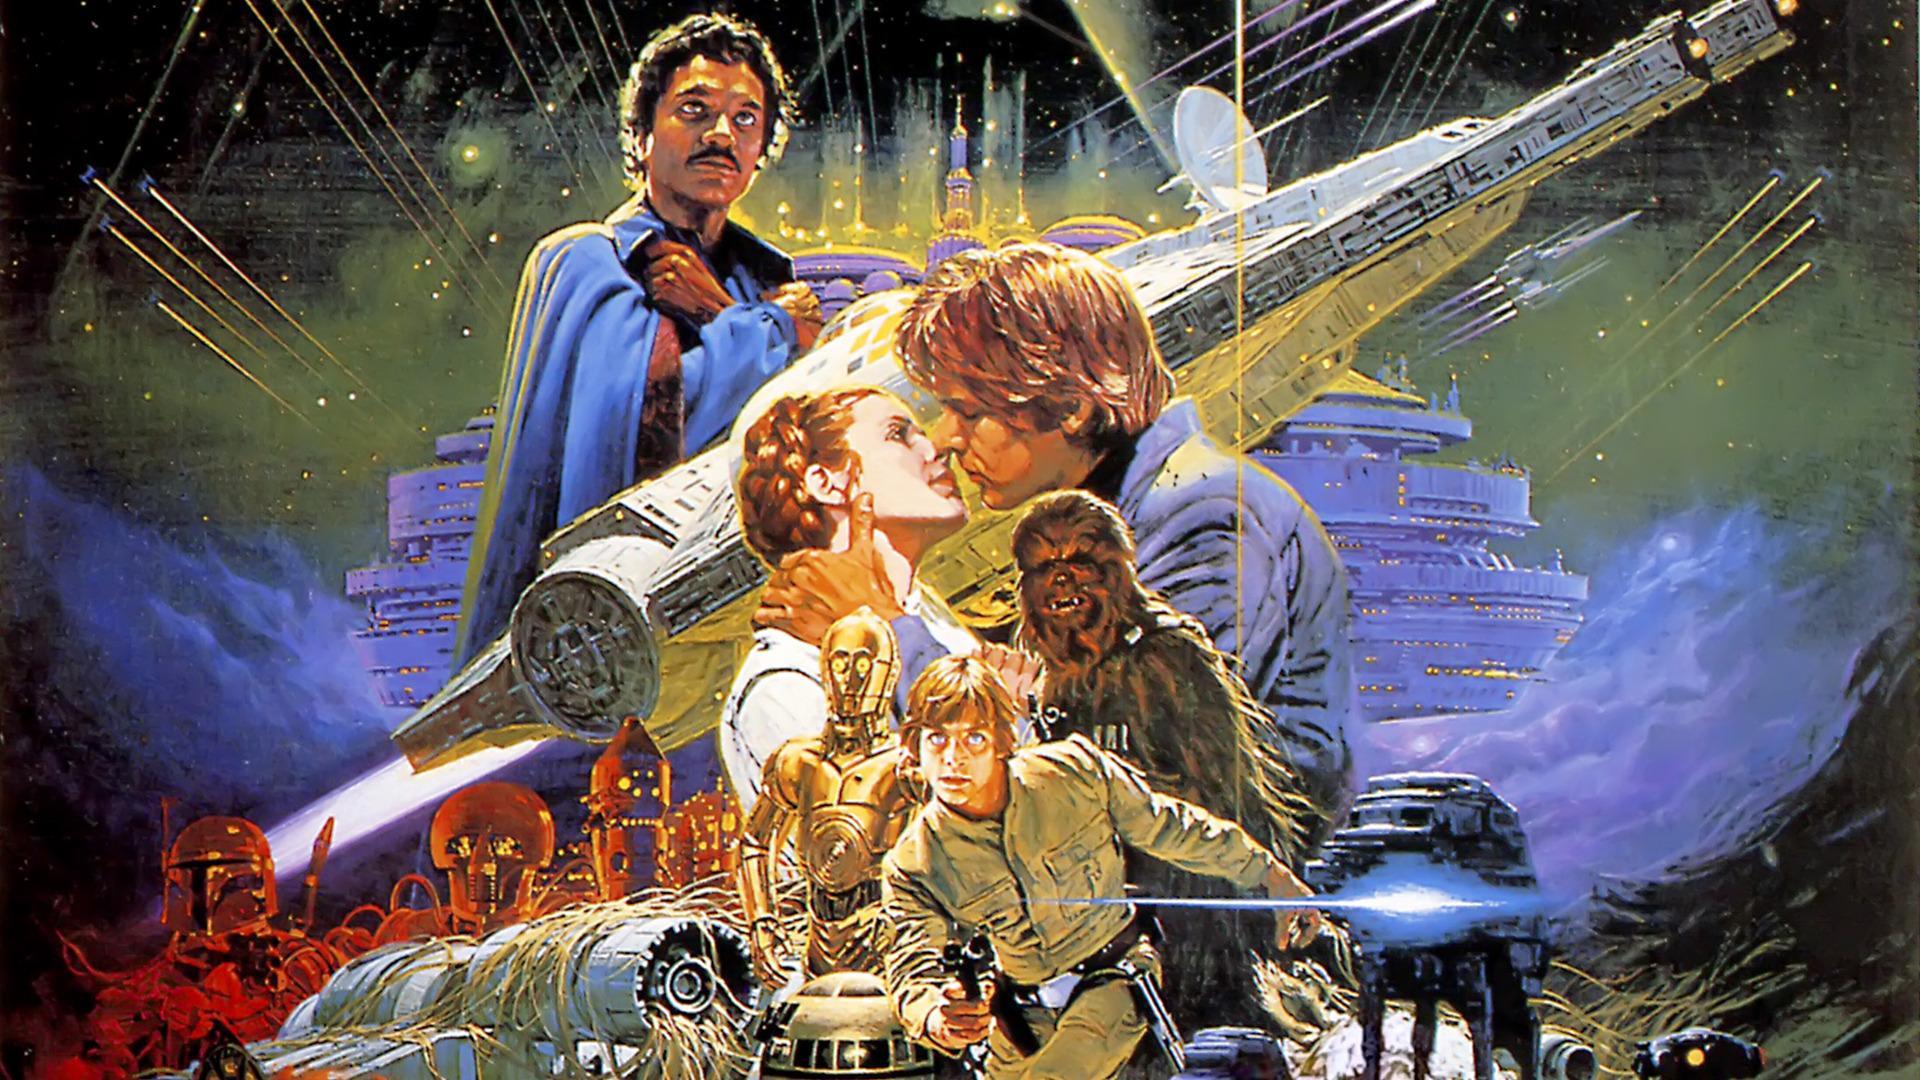 звездные войны расширенная вселенная что теперь будет постер эпизод 7 8 9